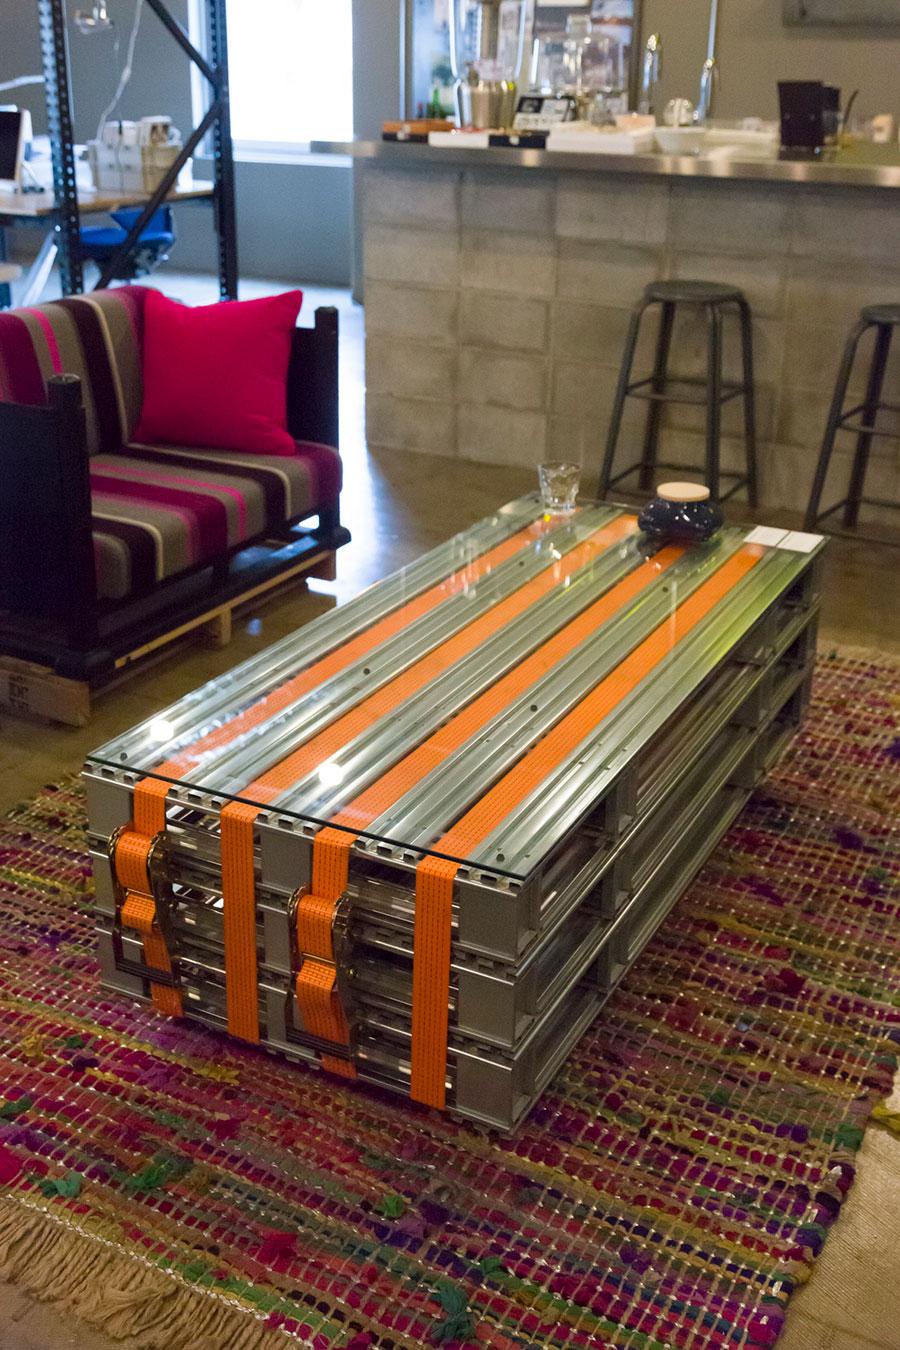 メタルのコンテナを3枚積み、ラッシングベルトで固定。その上にガラスの天板を置いた〈PALETTE TABLE METAL〉。サイドに本などを入れておくこともできる。